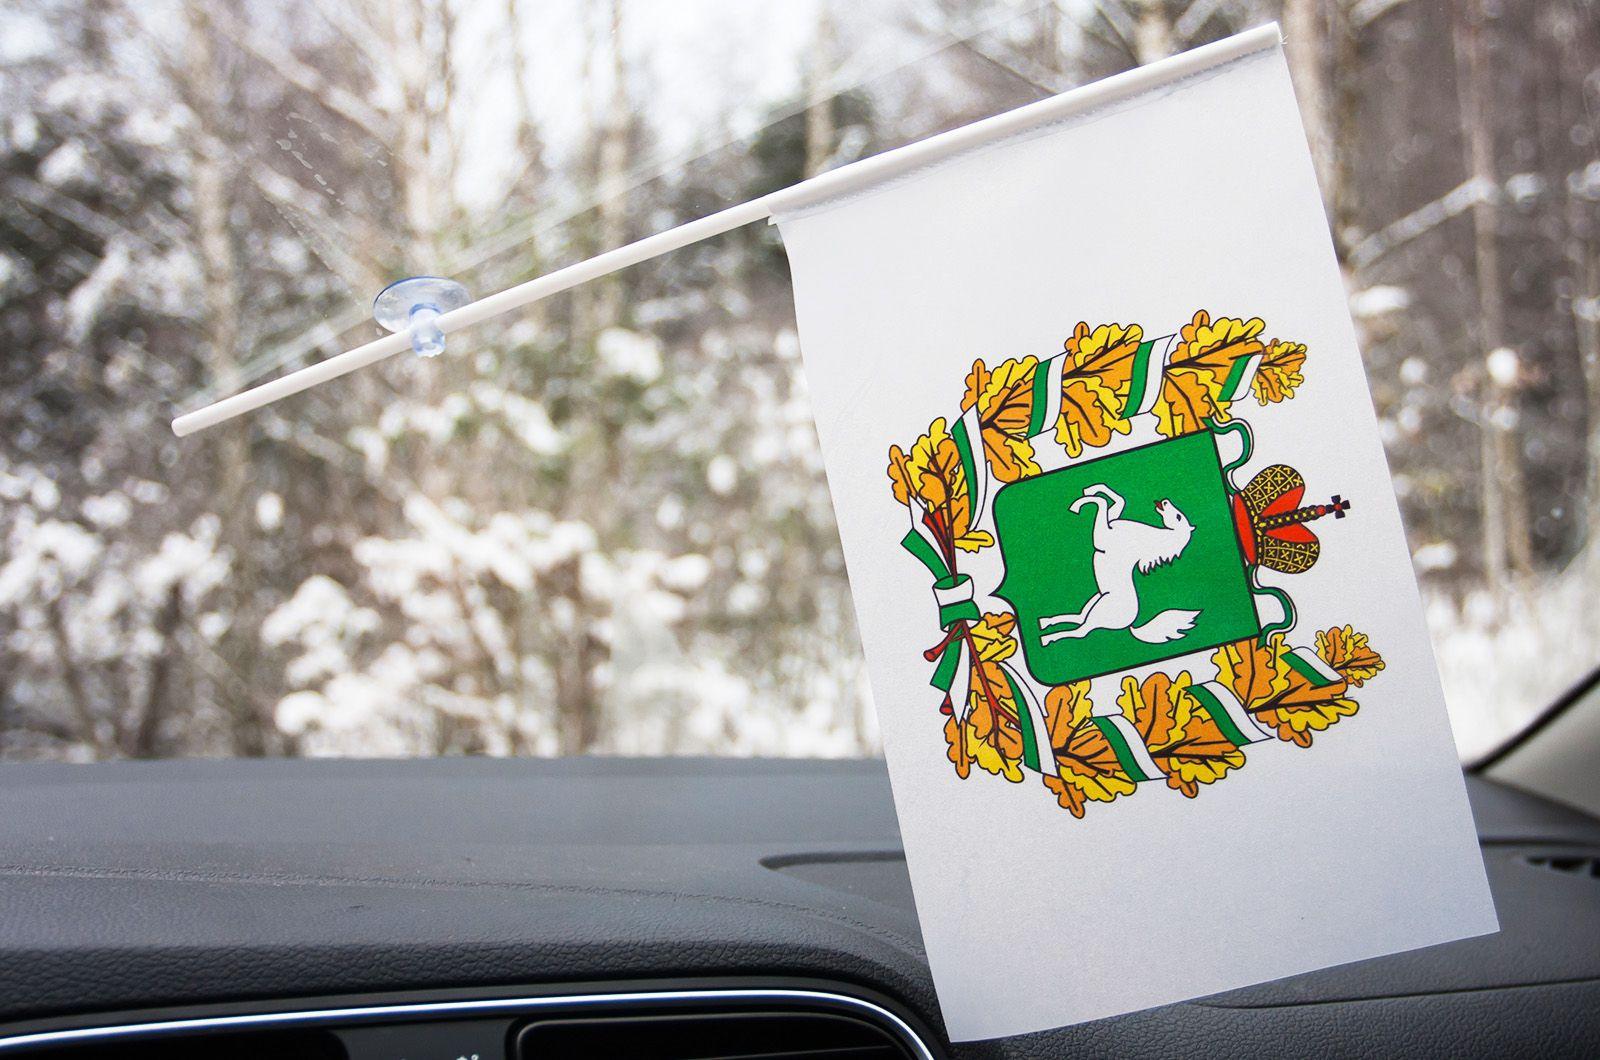 Флажок Томской области в машину